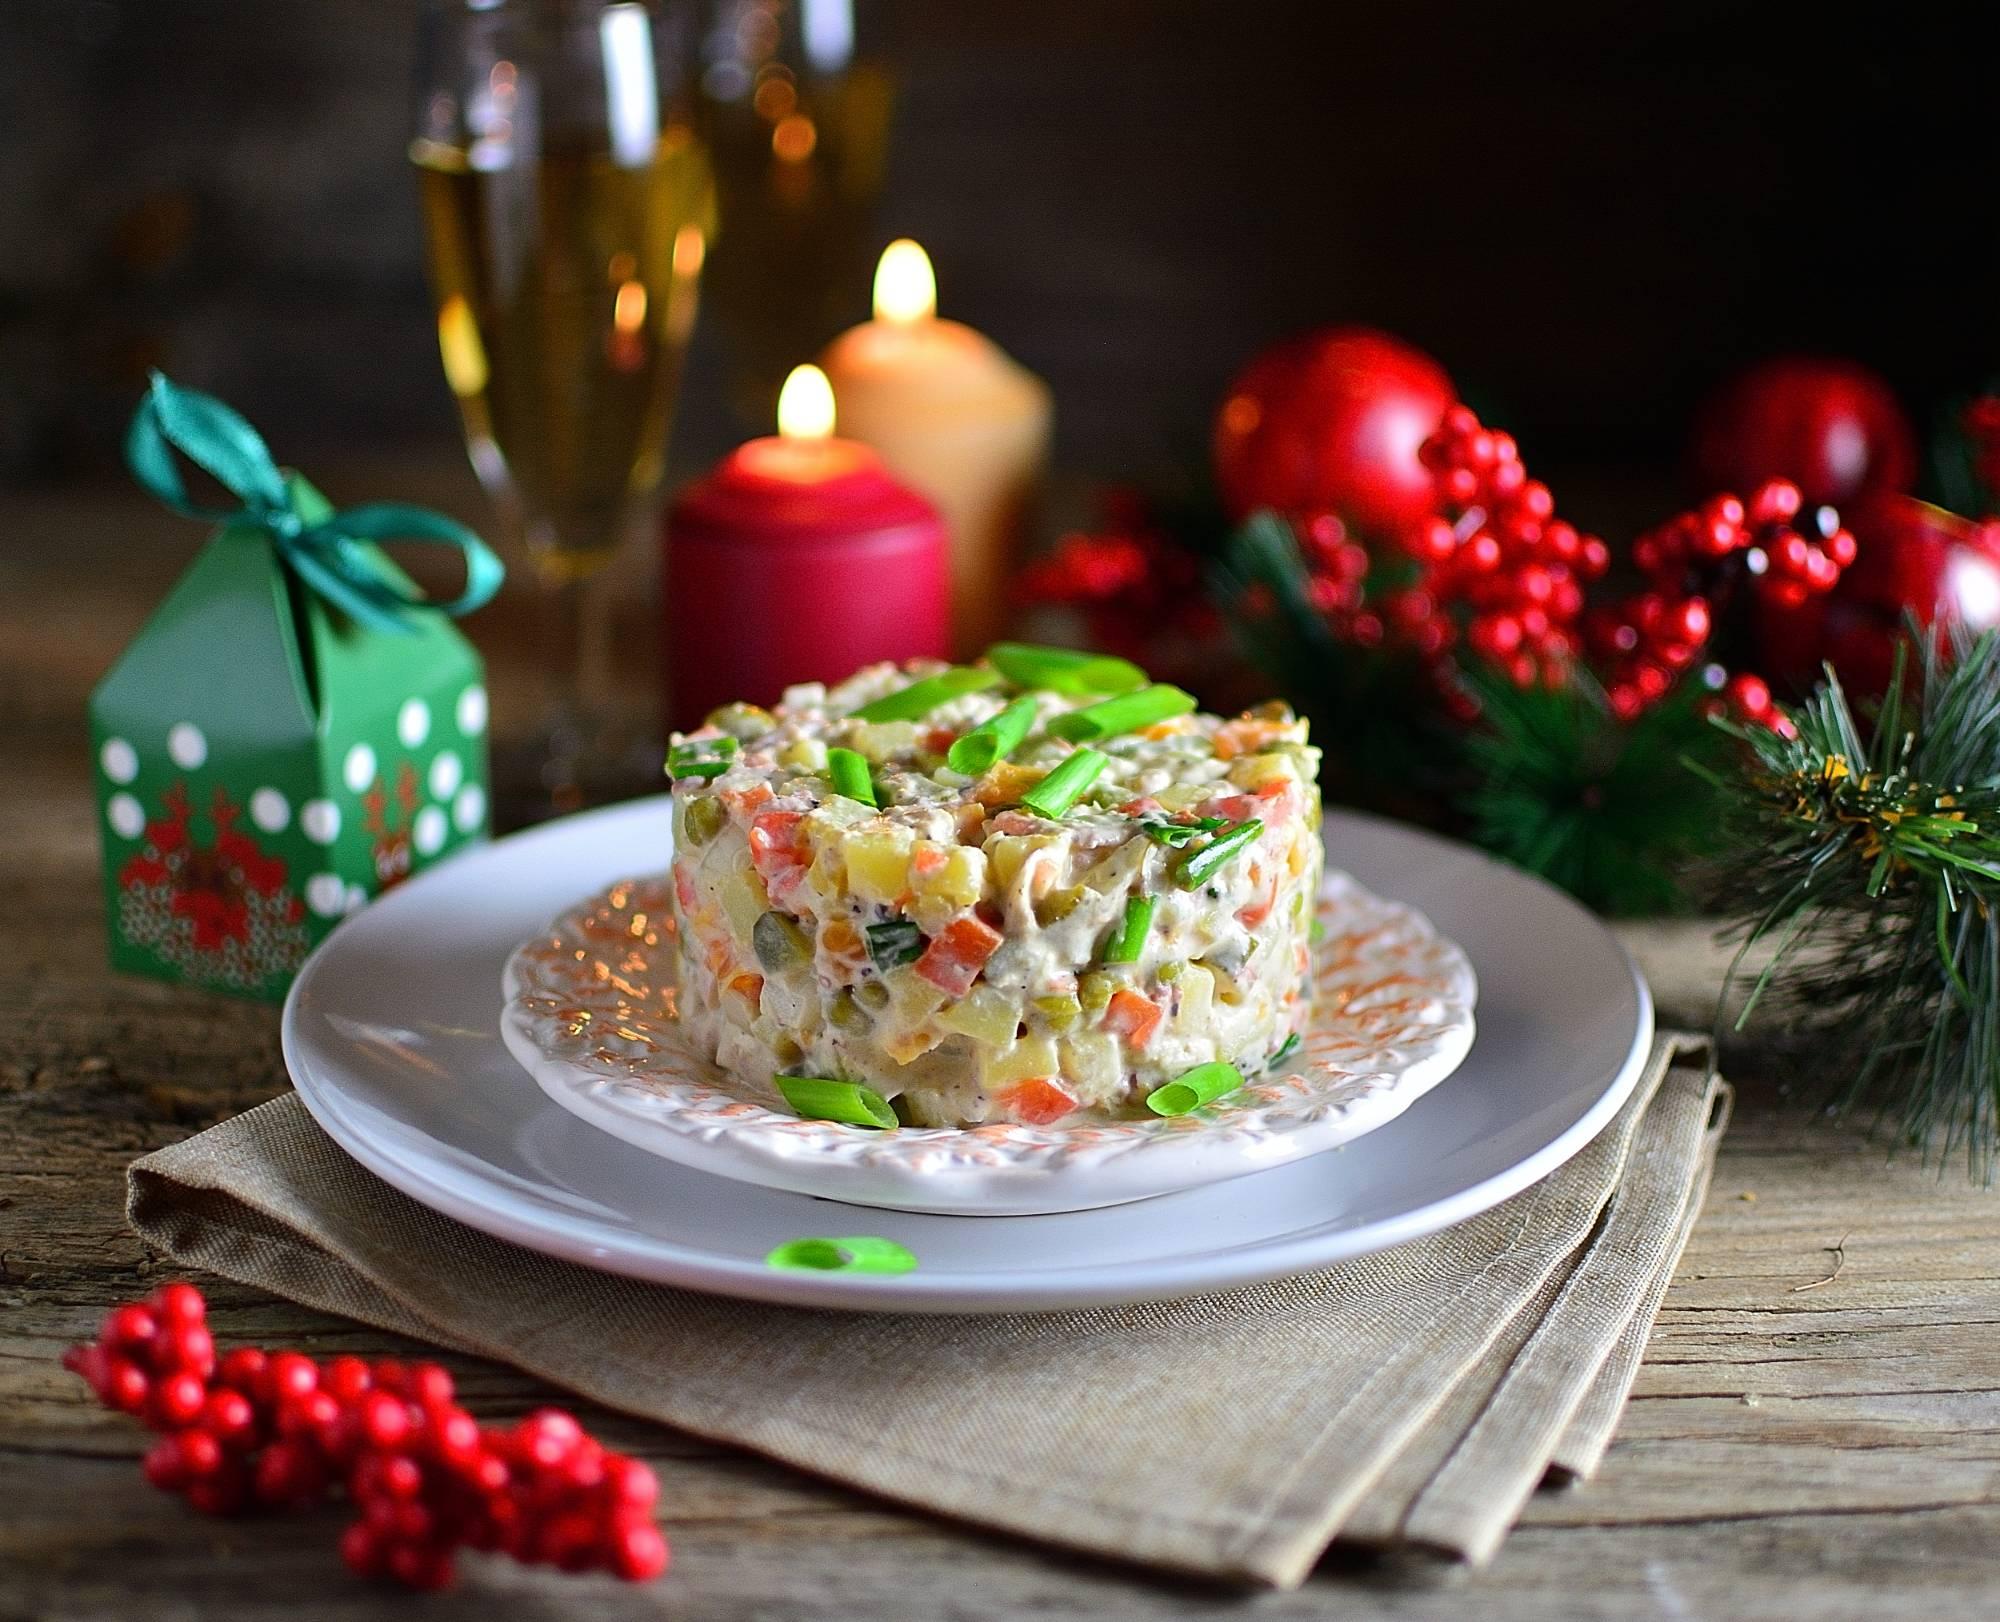 Запасы к празднику. Какие продукты для новогоднего стола выгодно купить в Пятёрочке, Дикси и Магните уже сейчас